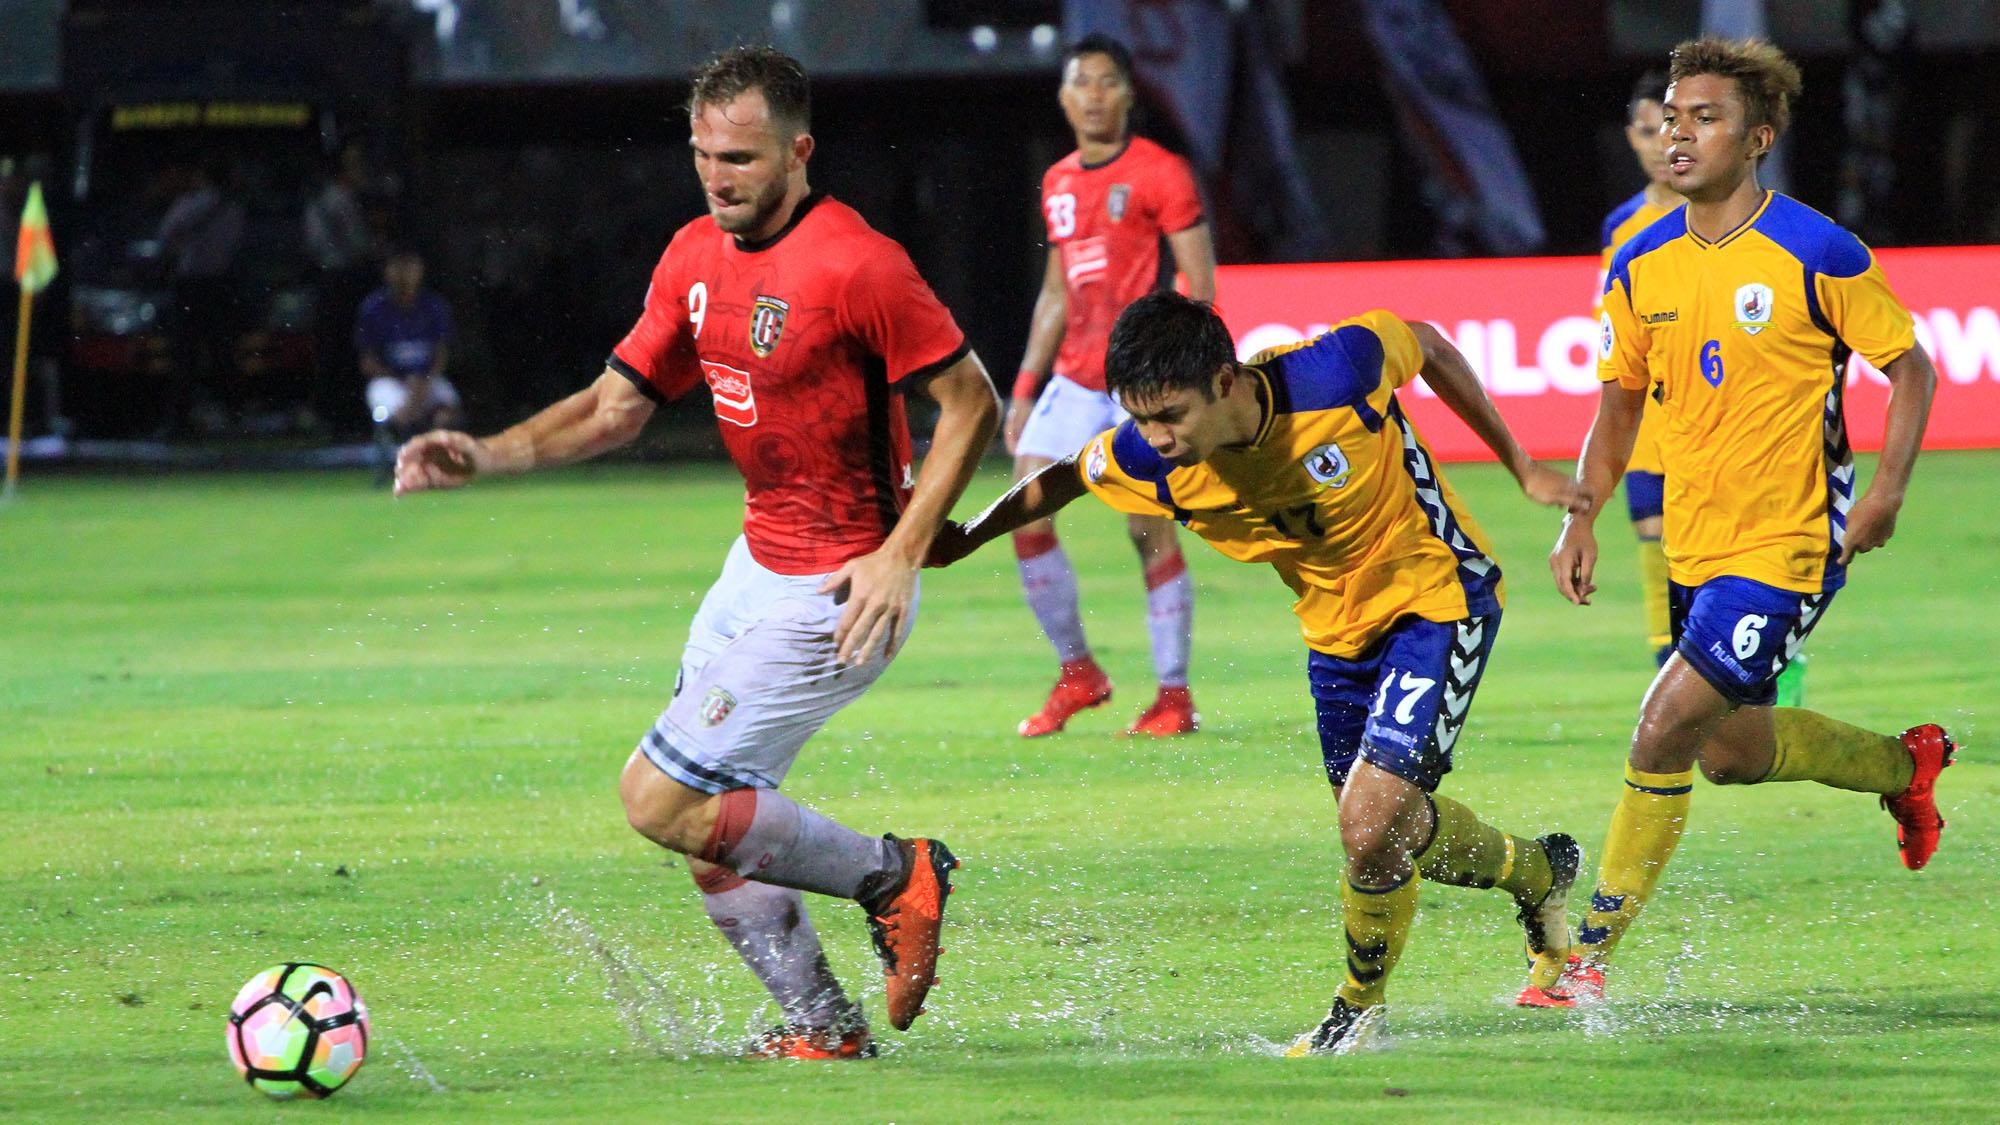 Ilija Spasojevic - Bali United & Tampines Rovers